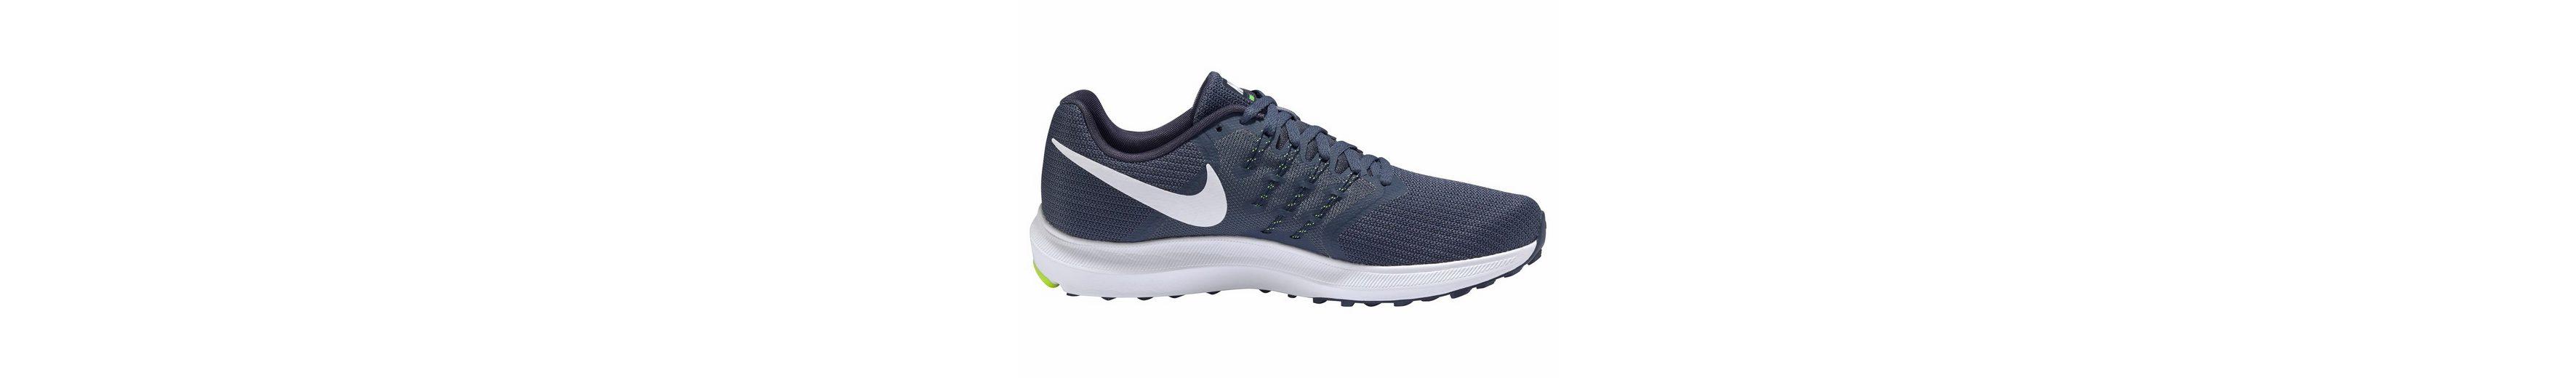 Nike Run Swift Laufschuh Freiraum Für Schön t0wZM